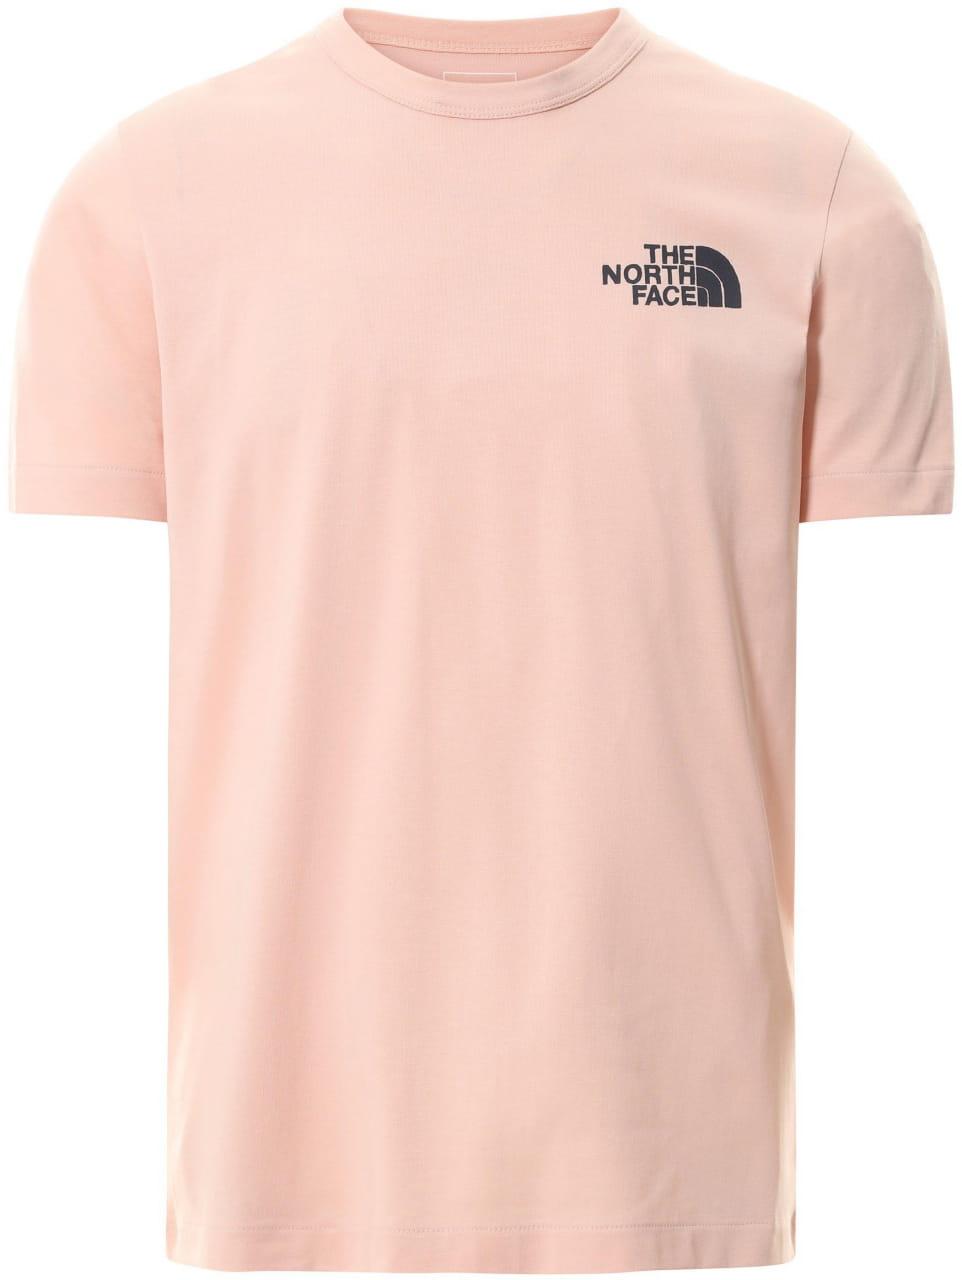 Pánské tričko s krátkým rukávem The North Face Men's S/S Himalayan Bottle Source Tee